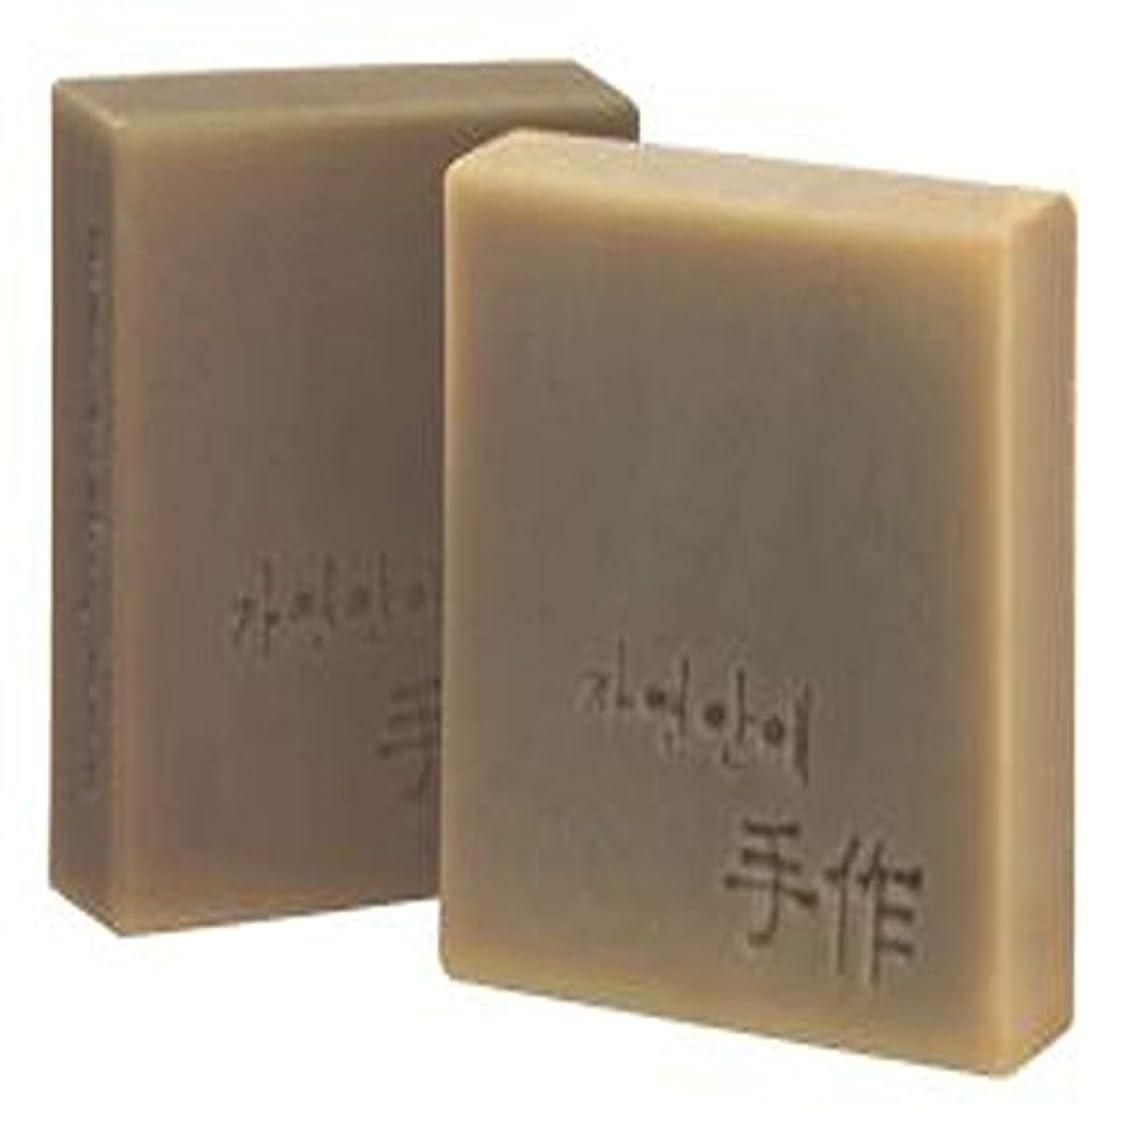 シャークの面では委任するNatural organic 有機天然ソープ 固形 無添加 洗顔せっけんクレンジング [並行輸入品] (SEOSIOKYOUNGSAN)